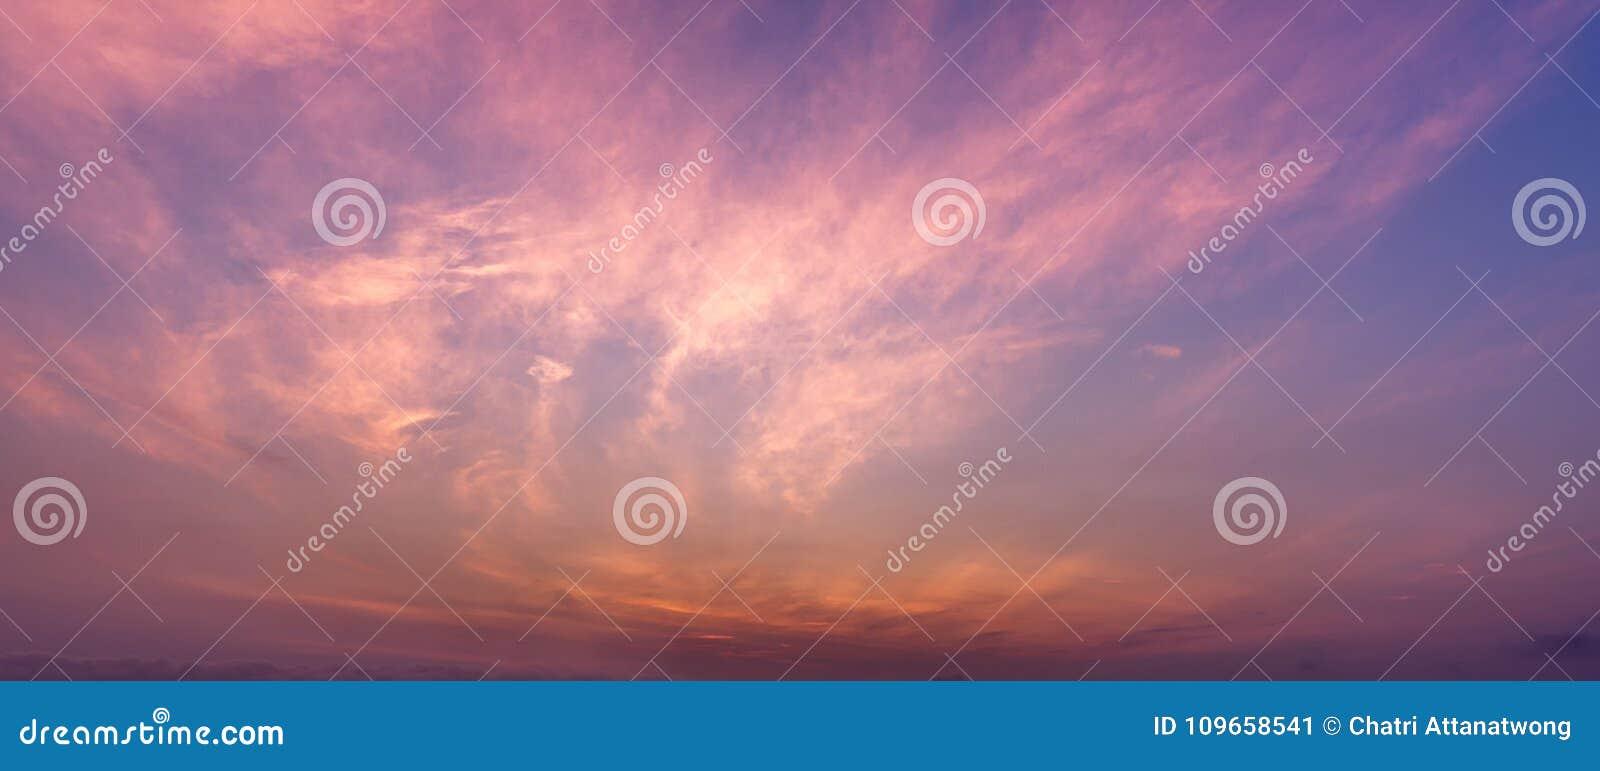 全景暮色天空和卷云场面的Bbackground图片